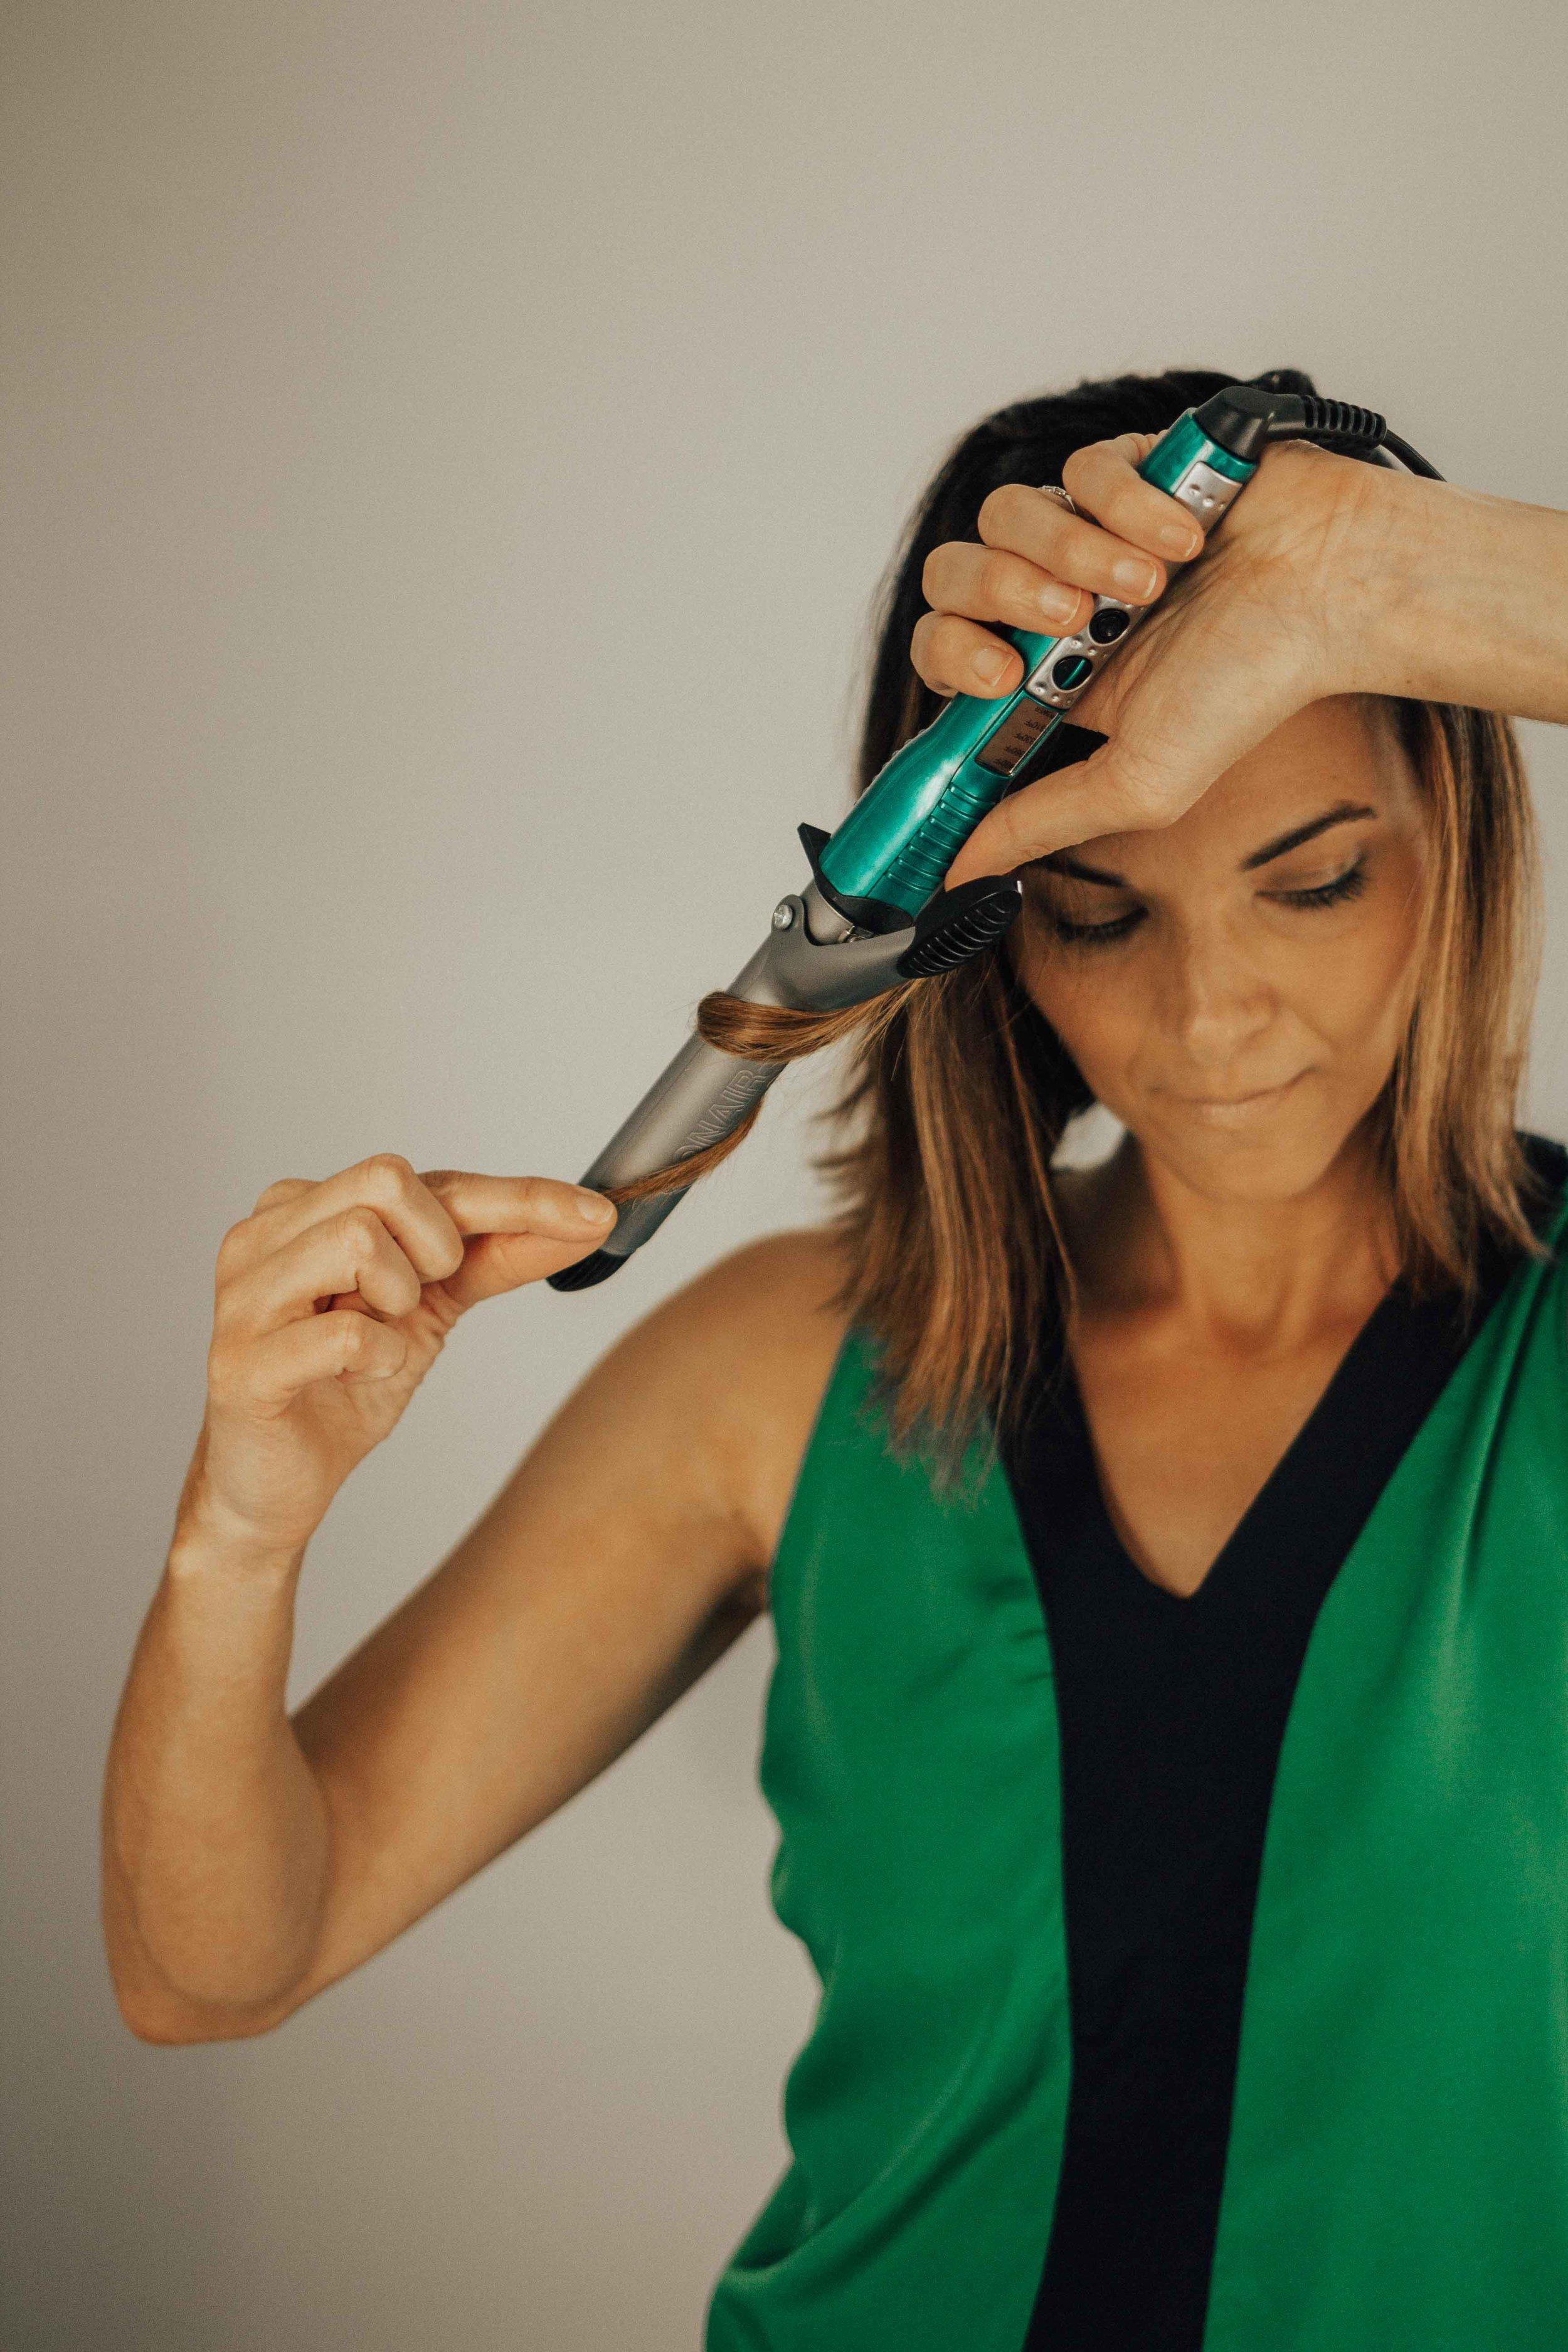 Hair Tutorial - Beachy Waves Tutorial - Virtue Haircare - Bob Hair Tutorial -  www.heartandseam.com  #heartandseam